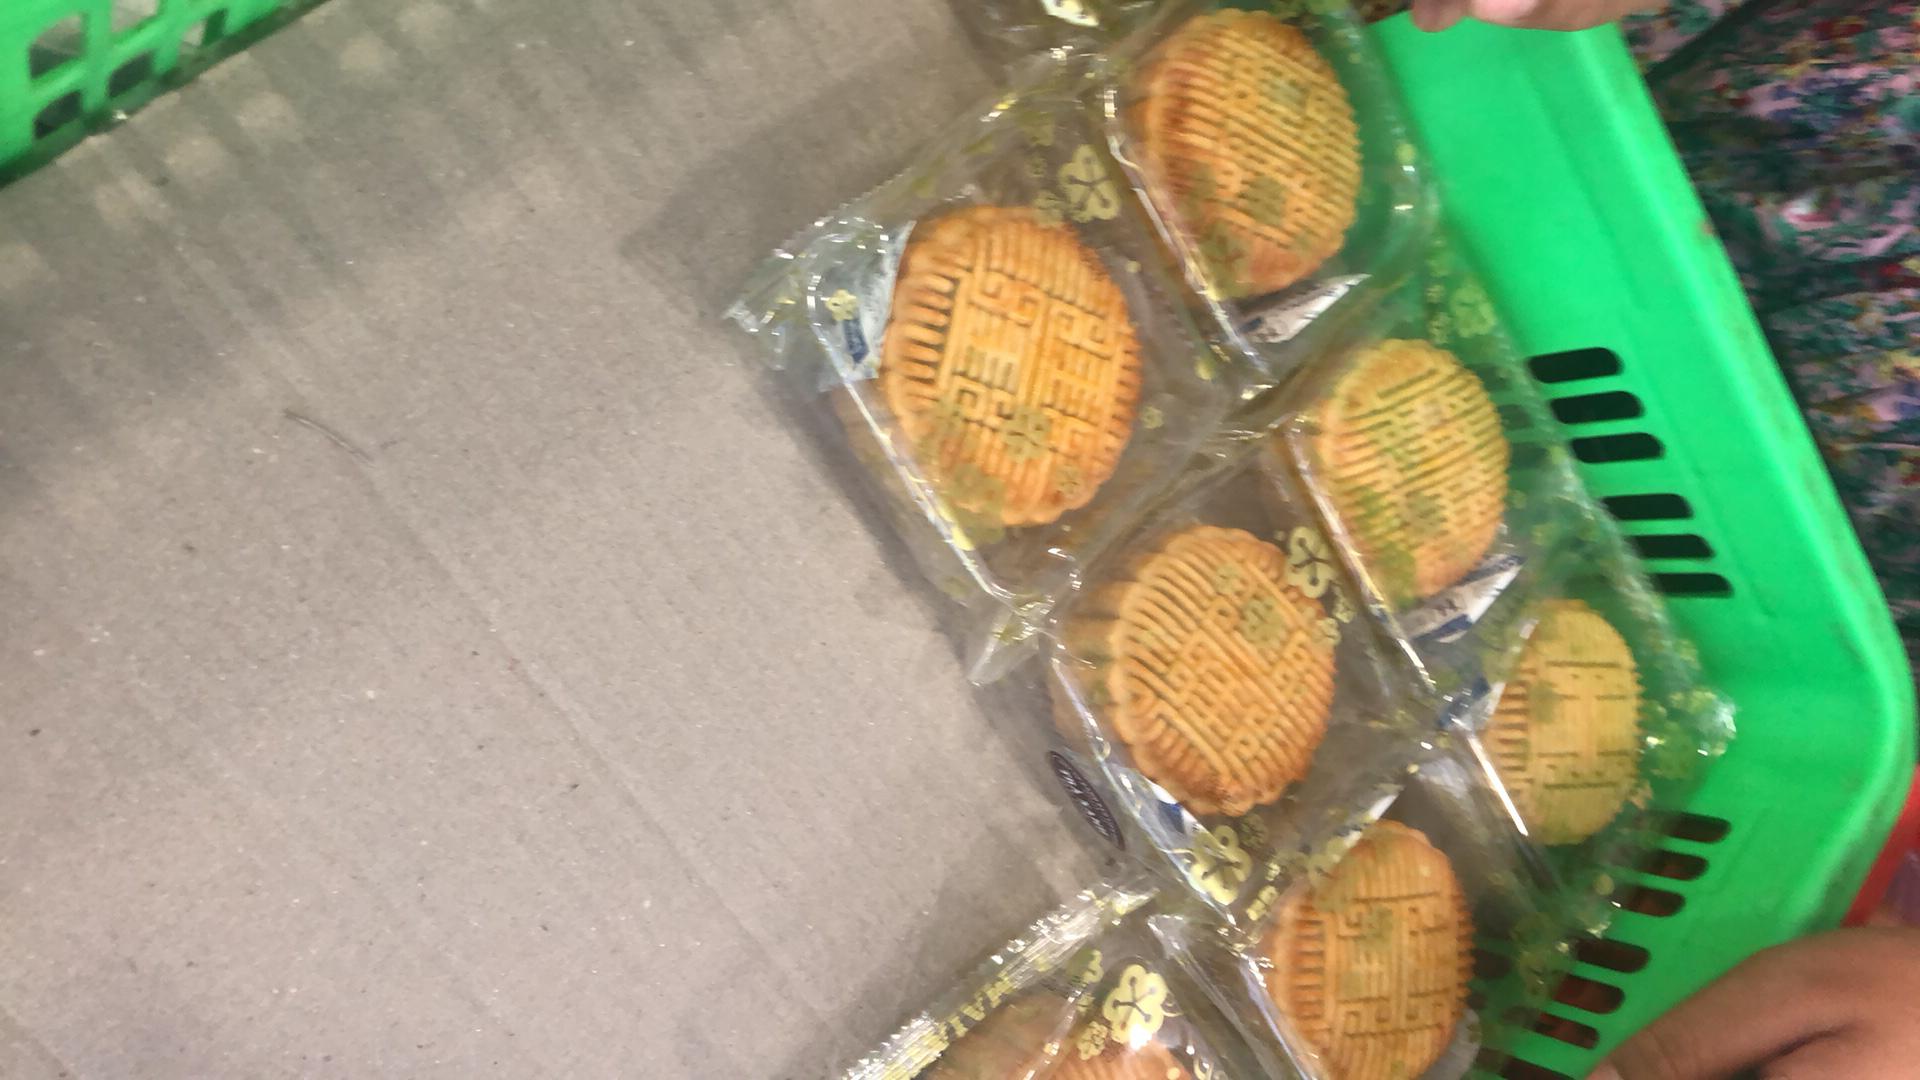 Bánh Trung thu xả hàng giảm 50%, đồng giá 25.000 đồng/chiếc bên lề đường - Ảnh 3.